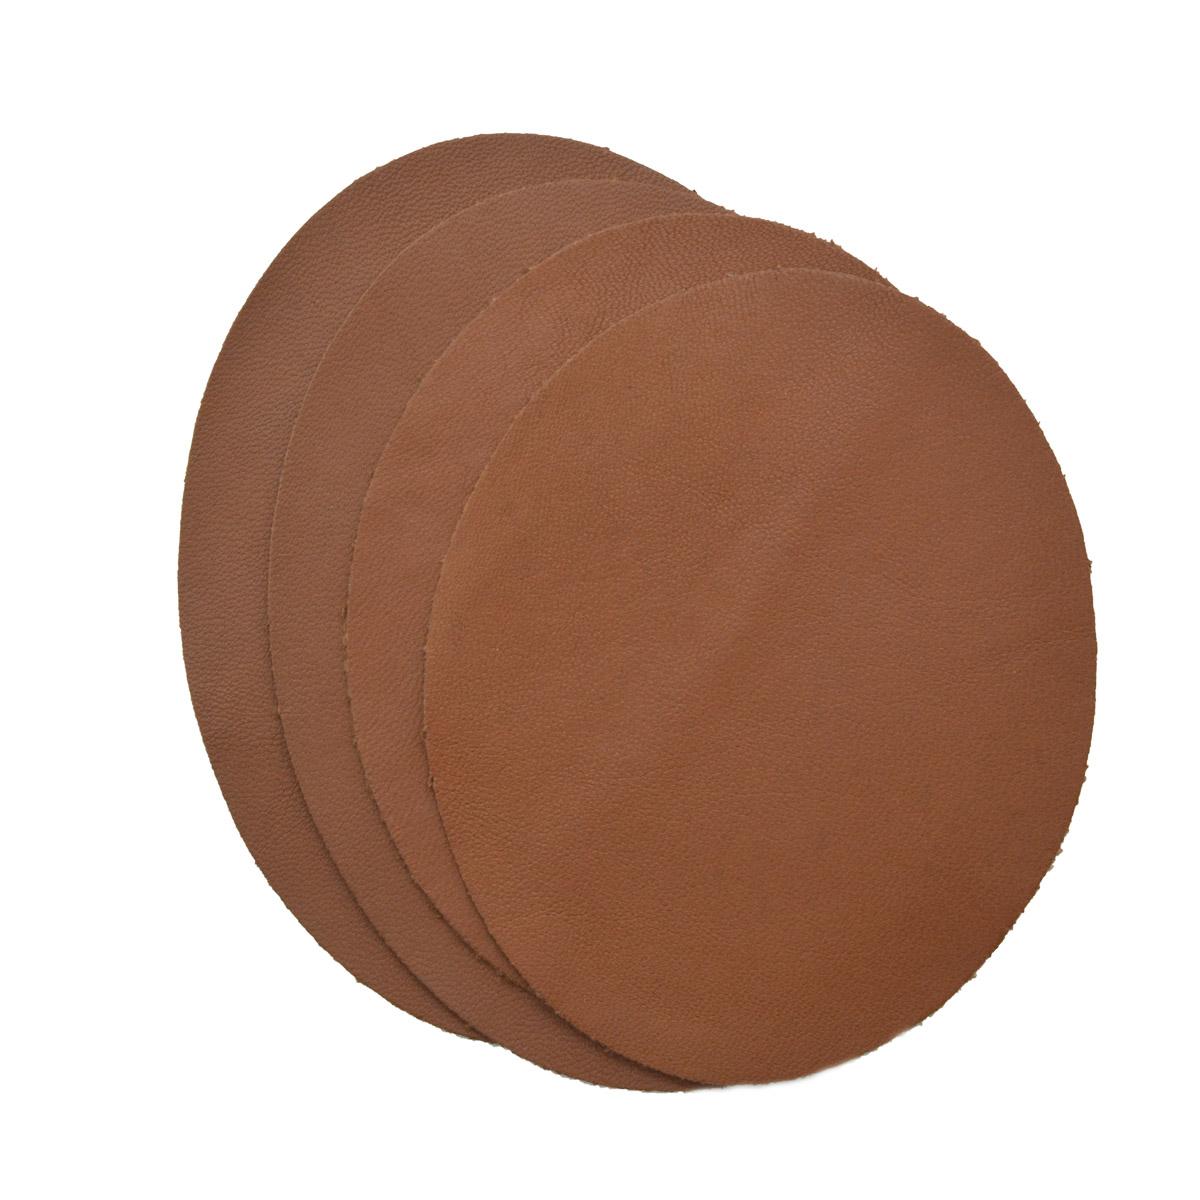 215 Набор заплаток термоклеевых из кожи: овал малый 2шт. овал средний 2шт, 100% кожа